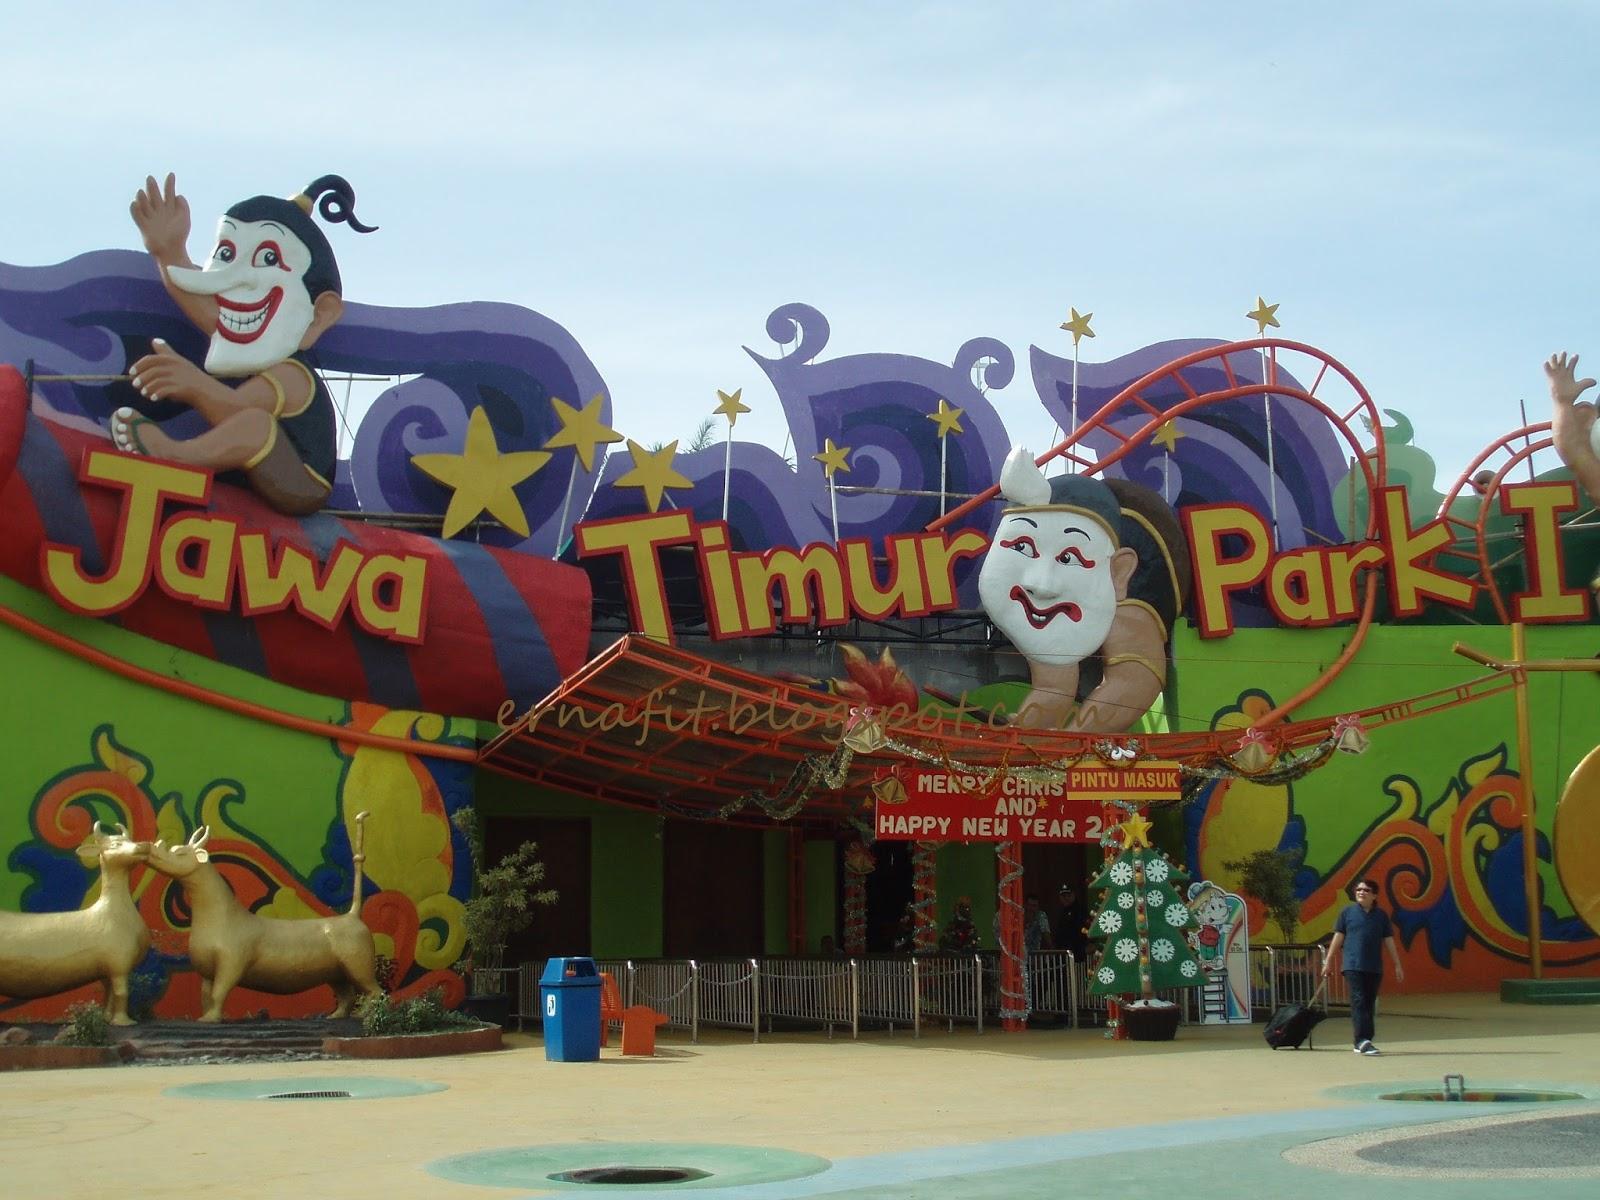 Tempat Wisata di Malang - Jatim Park 1